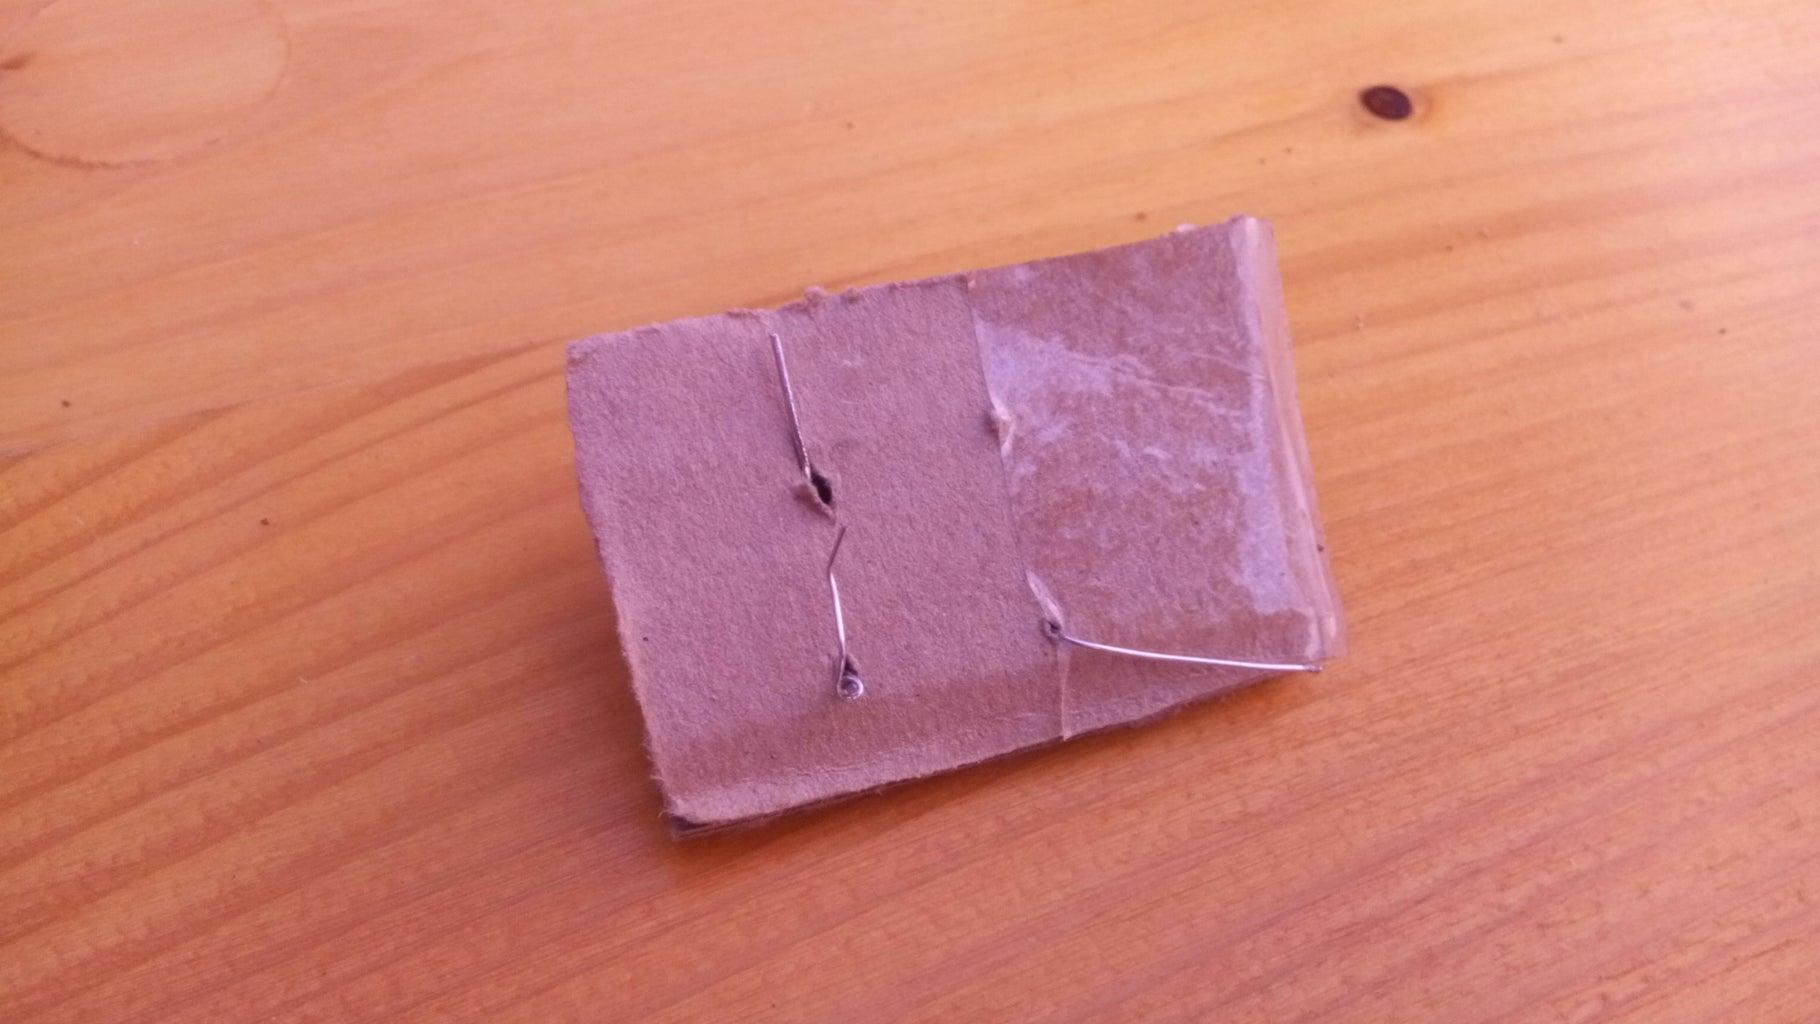 The Cardboard Circuit